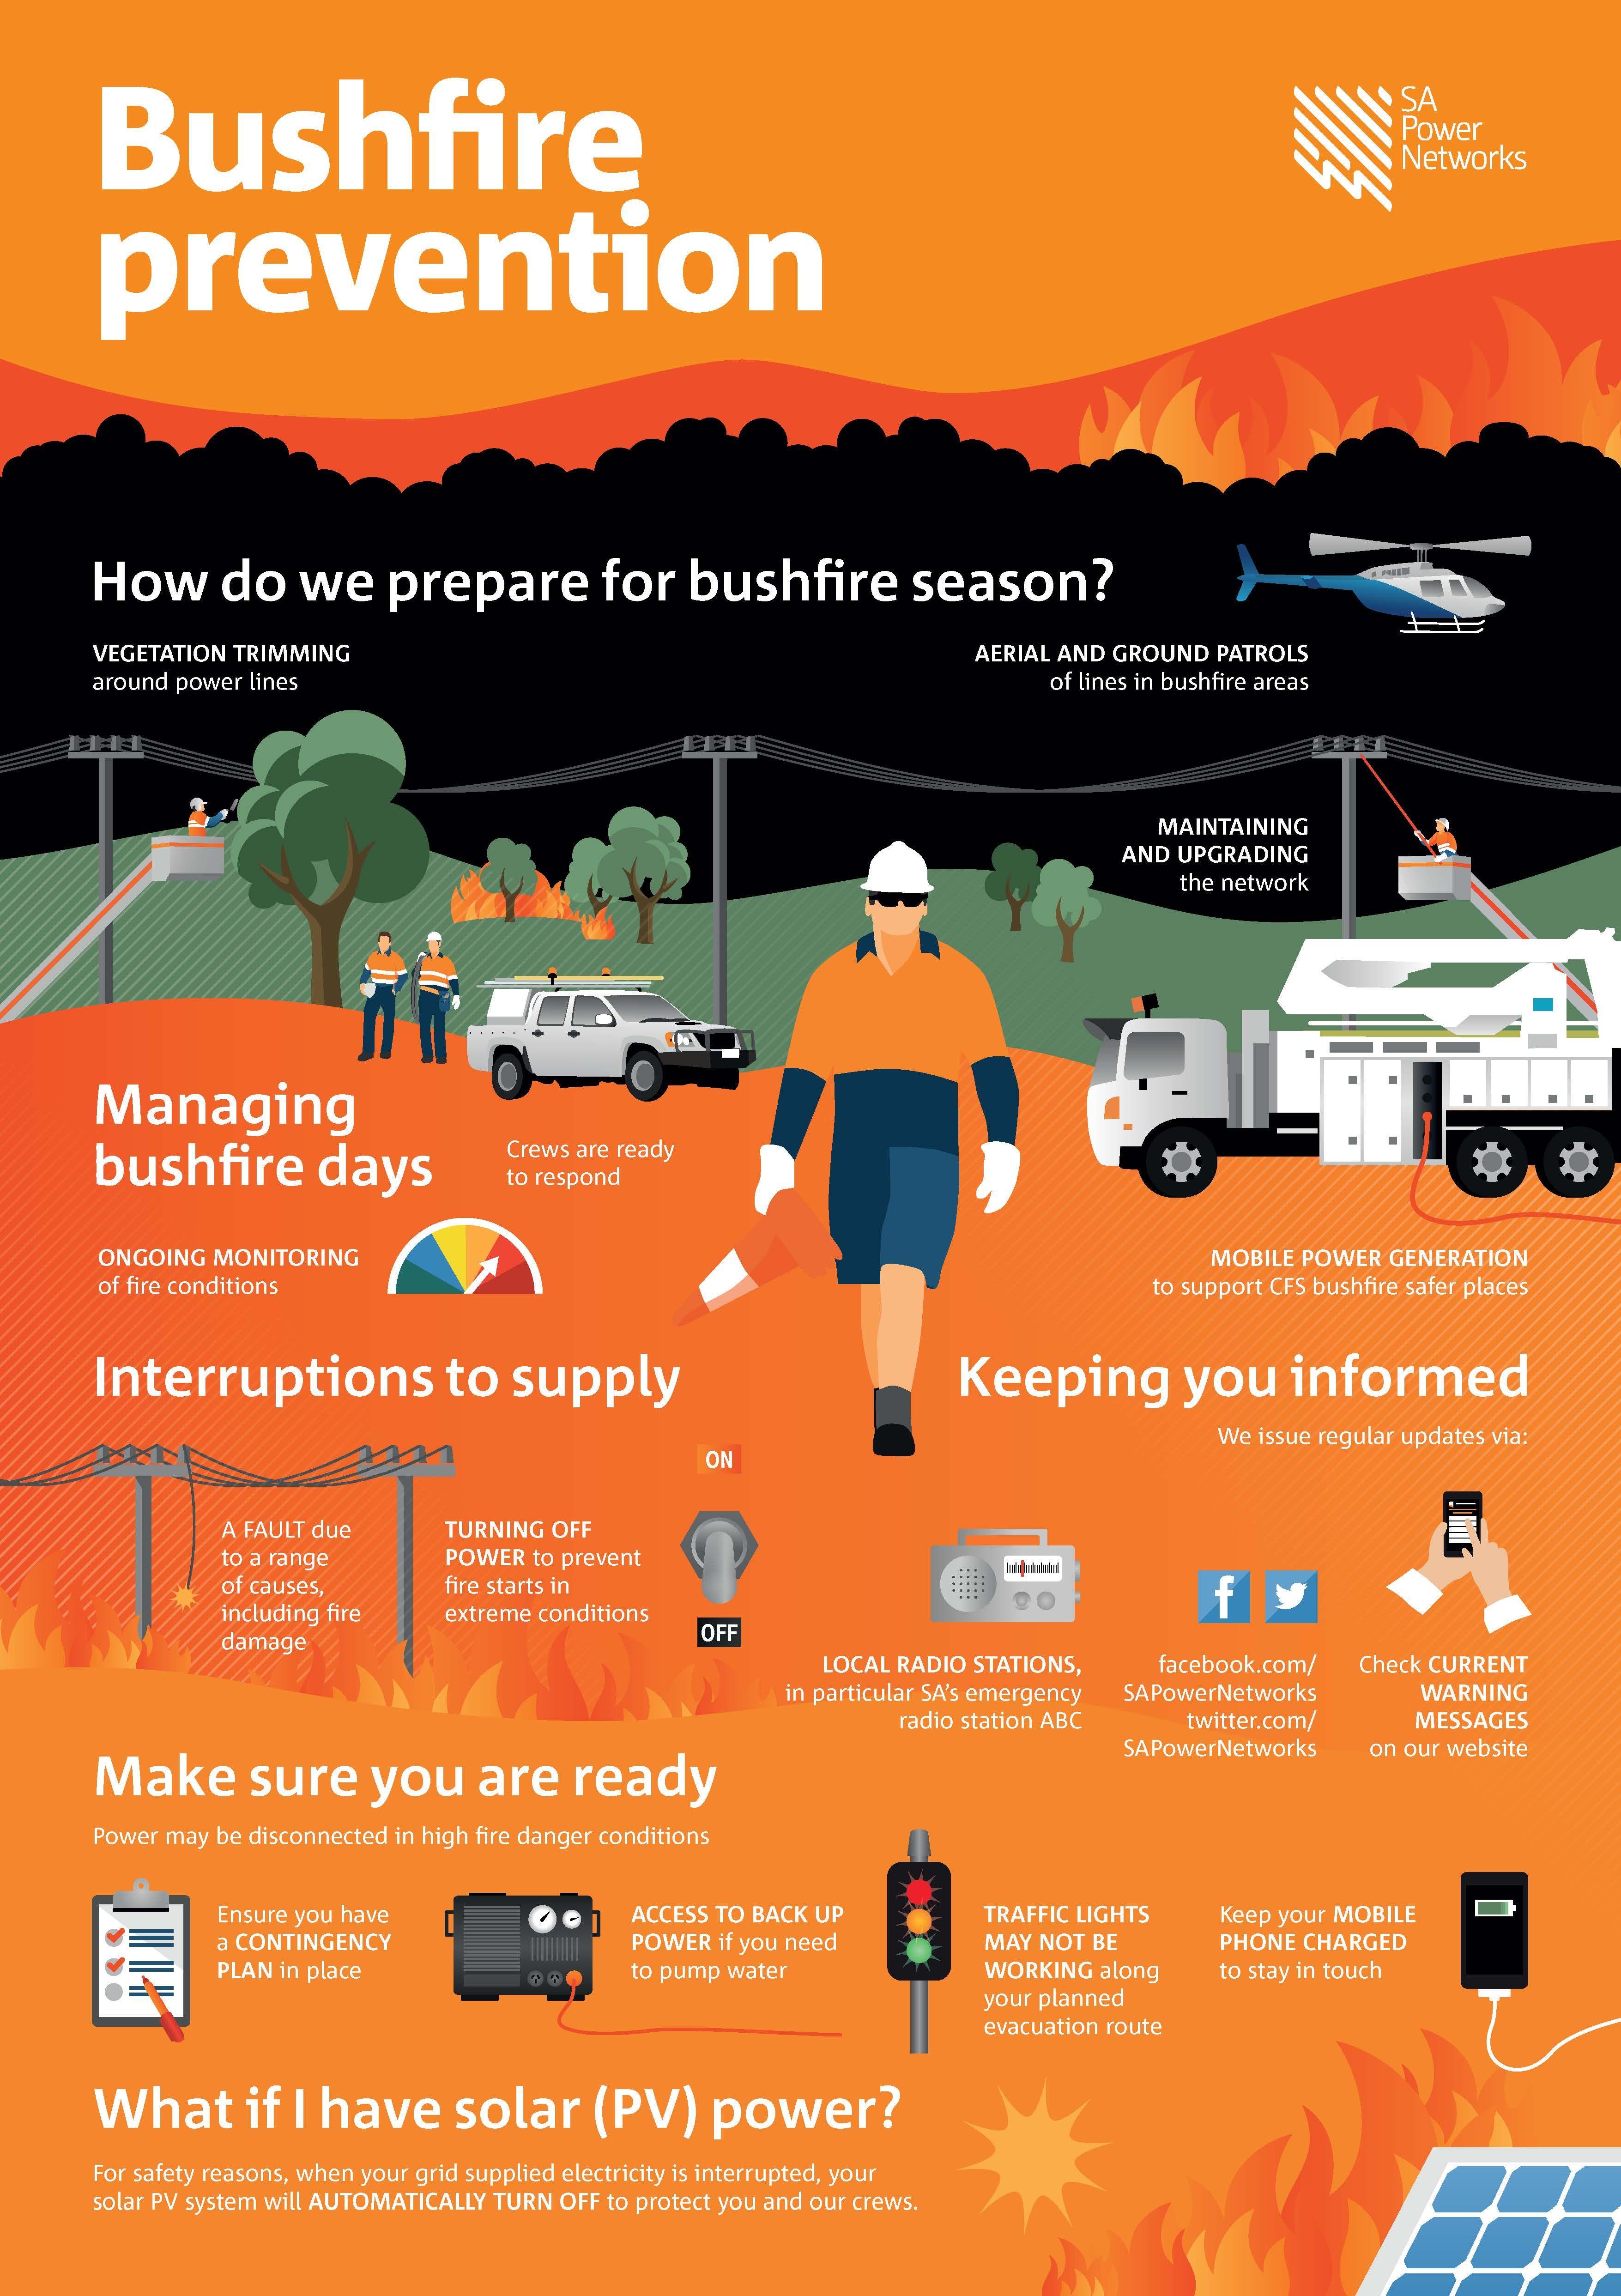 preventing bushfires